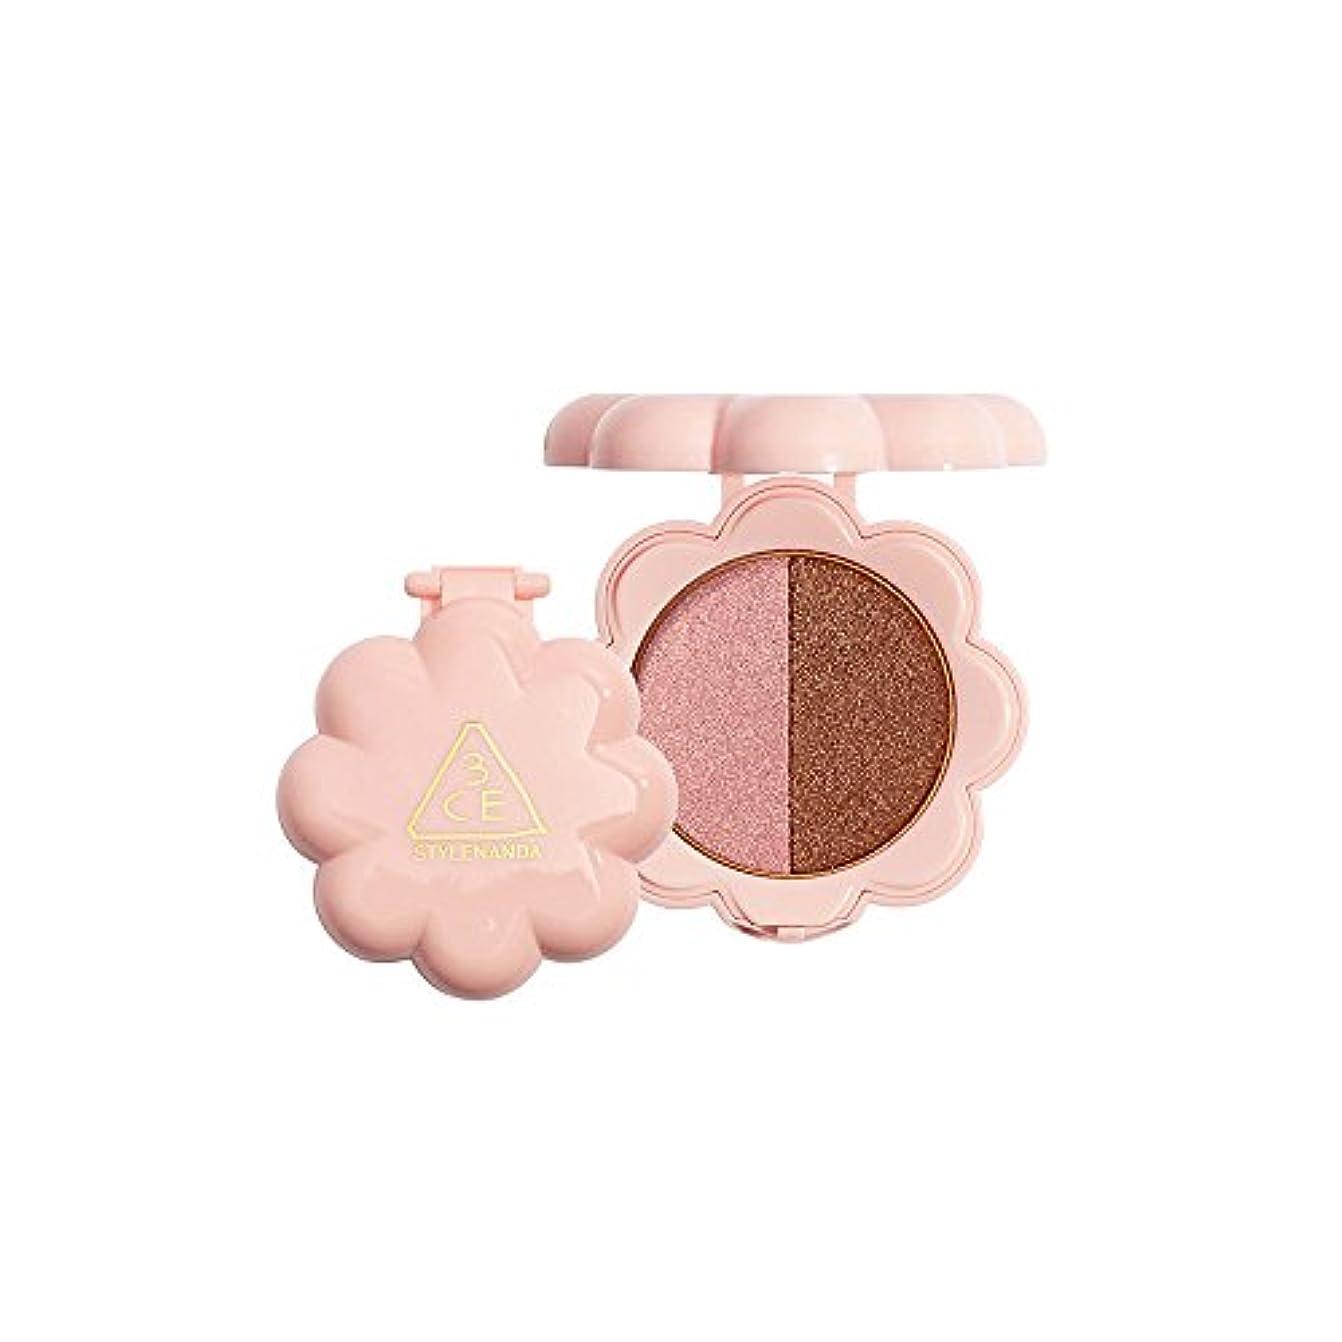 多様性ペレットチョコレートLOVE 3CE Duo Shadow, 韓国化粧品アイカラーメイクアップ, 3.2g - POTION MAKER[並行輸入品]